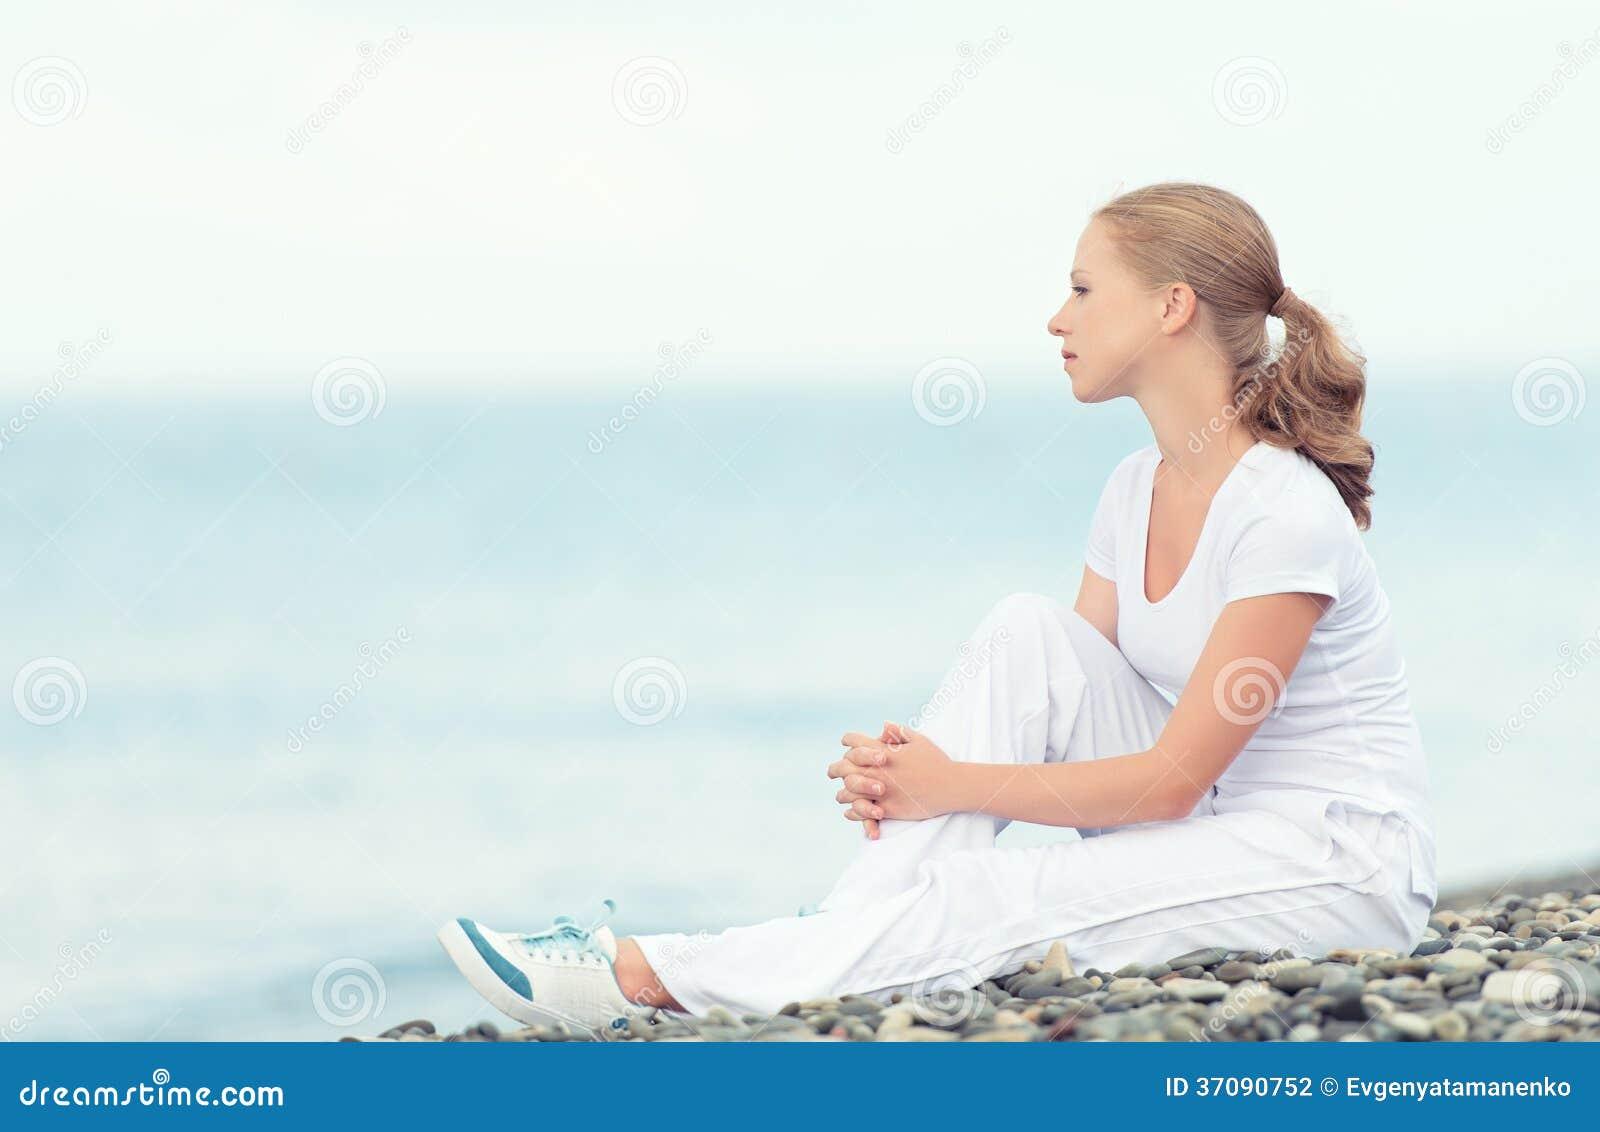 Download Kobieta W Bielu Relaksuje Odpoczywać Na Morzu Na Plaży Zdjęcie Stock - Obraz złożonej z wjazdy, wybrzeże: 37090752